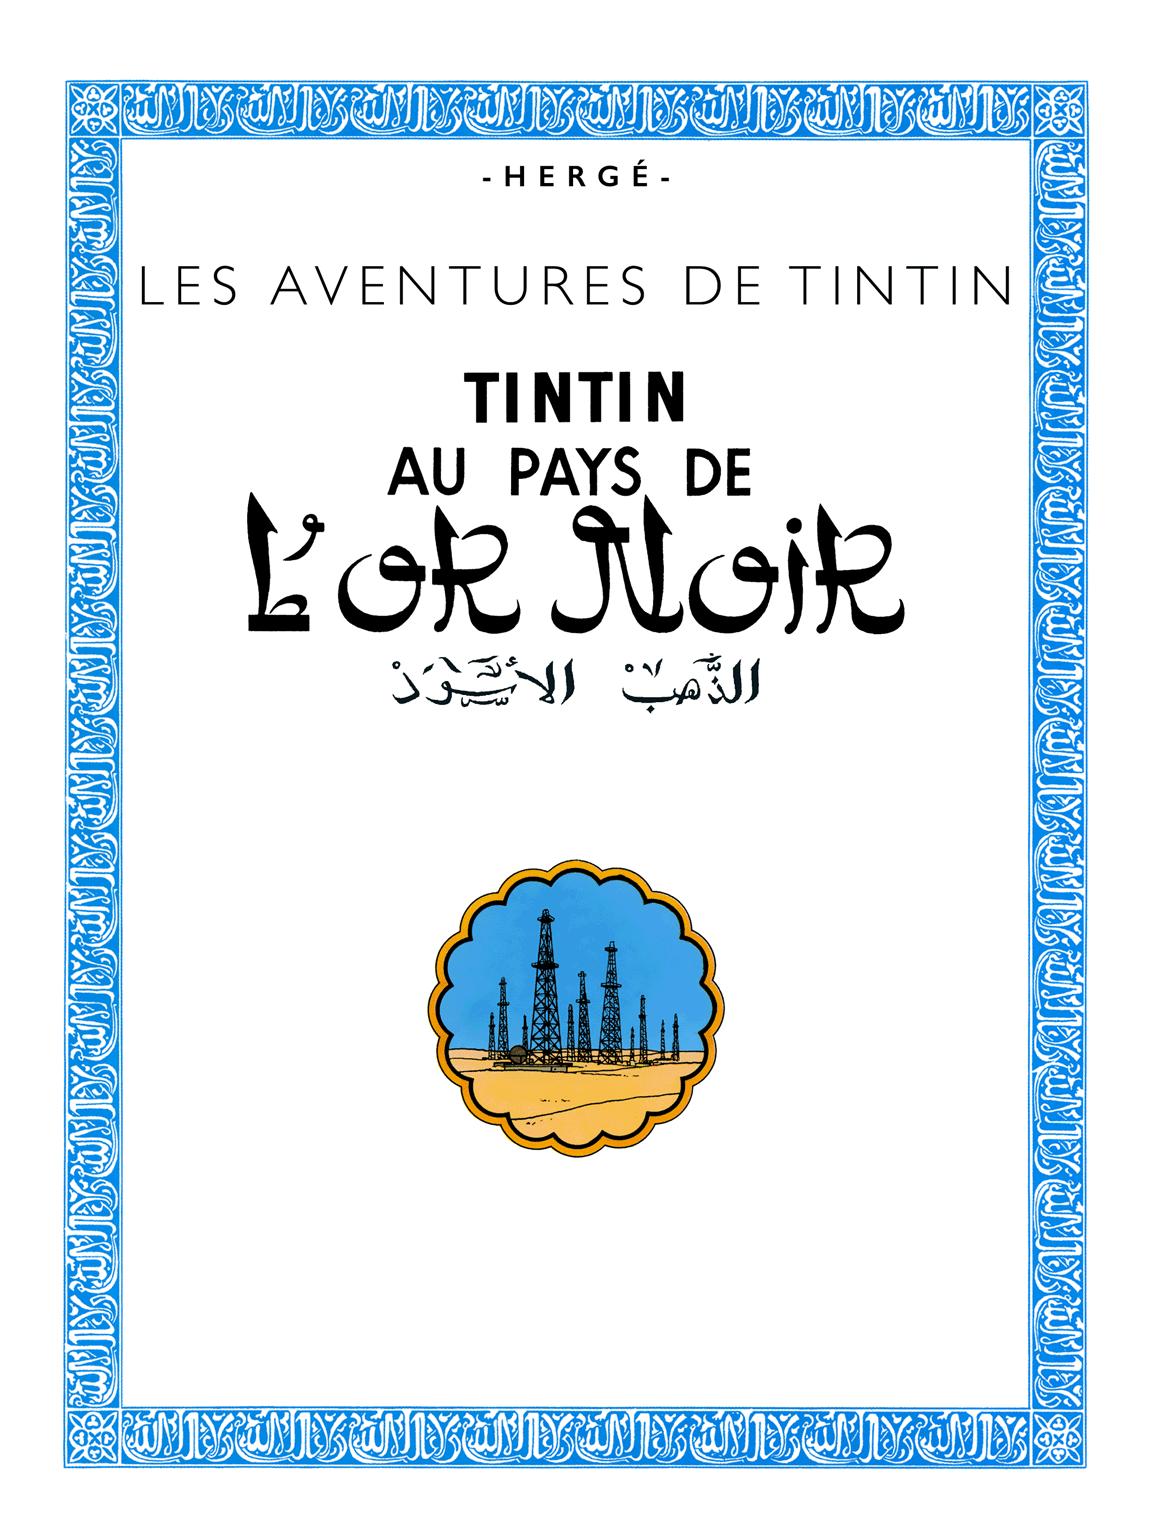 Tintin au pays de l'or noir - page titre